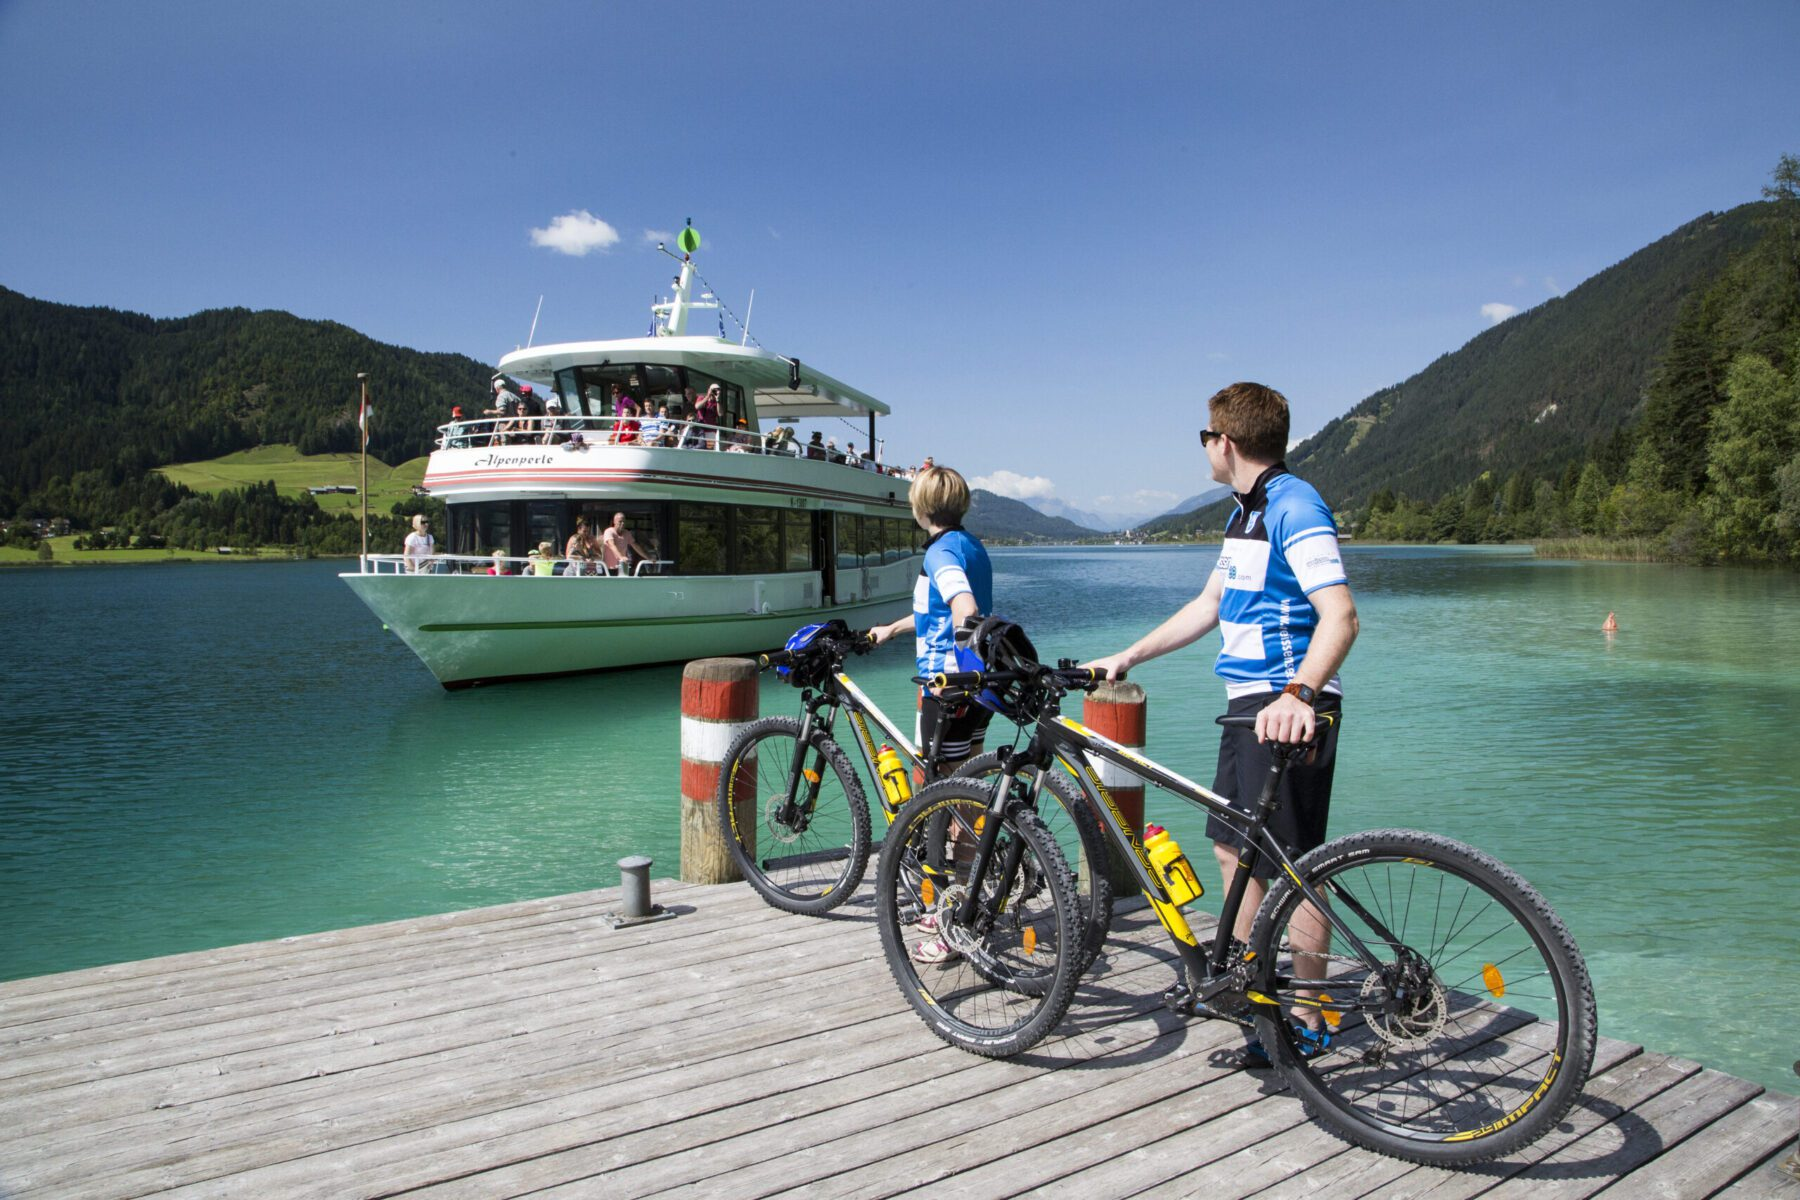 00000000433_Biketransport-mit-der-Alpenperle_Stefan-Valthe